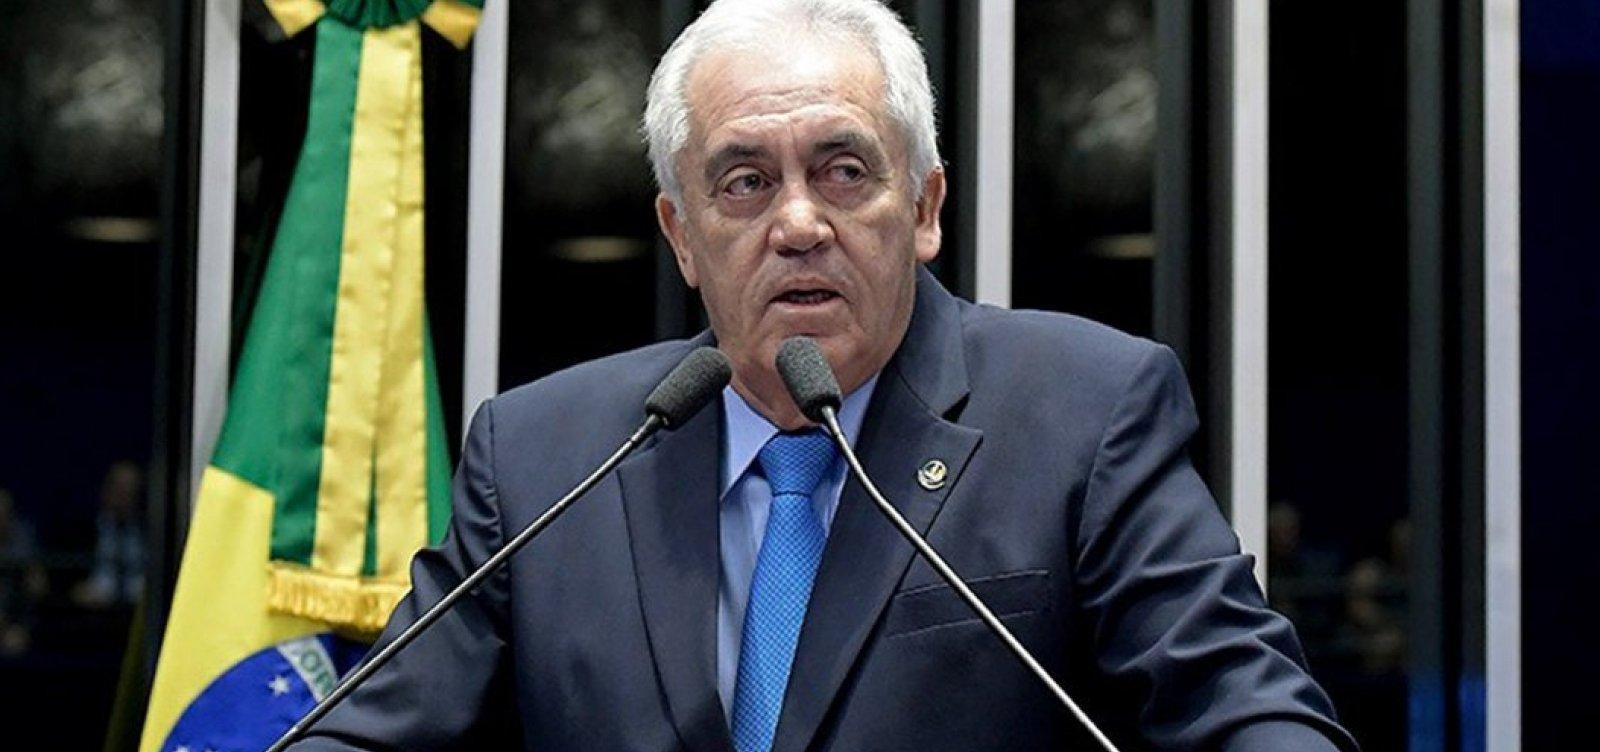 ['Carluxo deu aval para nomeação' de genro de Silvio Santos, diz senador do PSD]